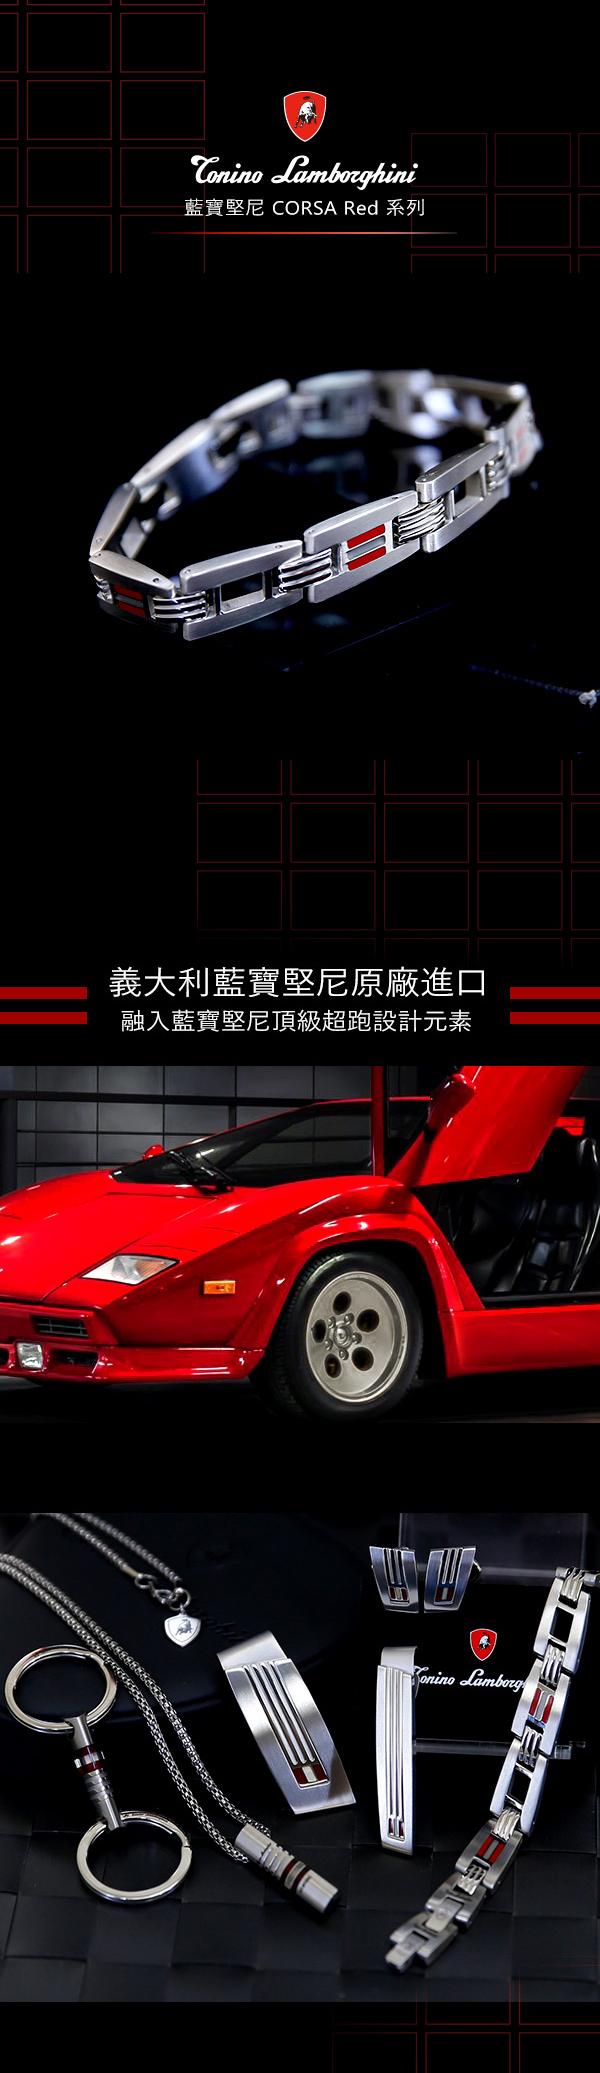 藍寶堅尼Lamborghini CORSA Red  手鍊